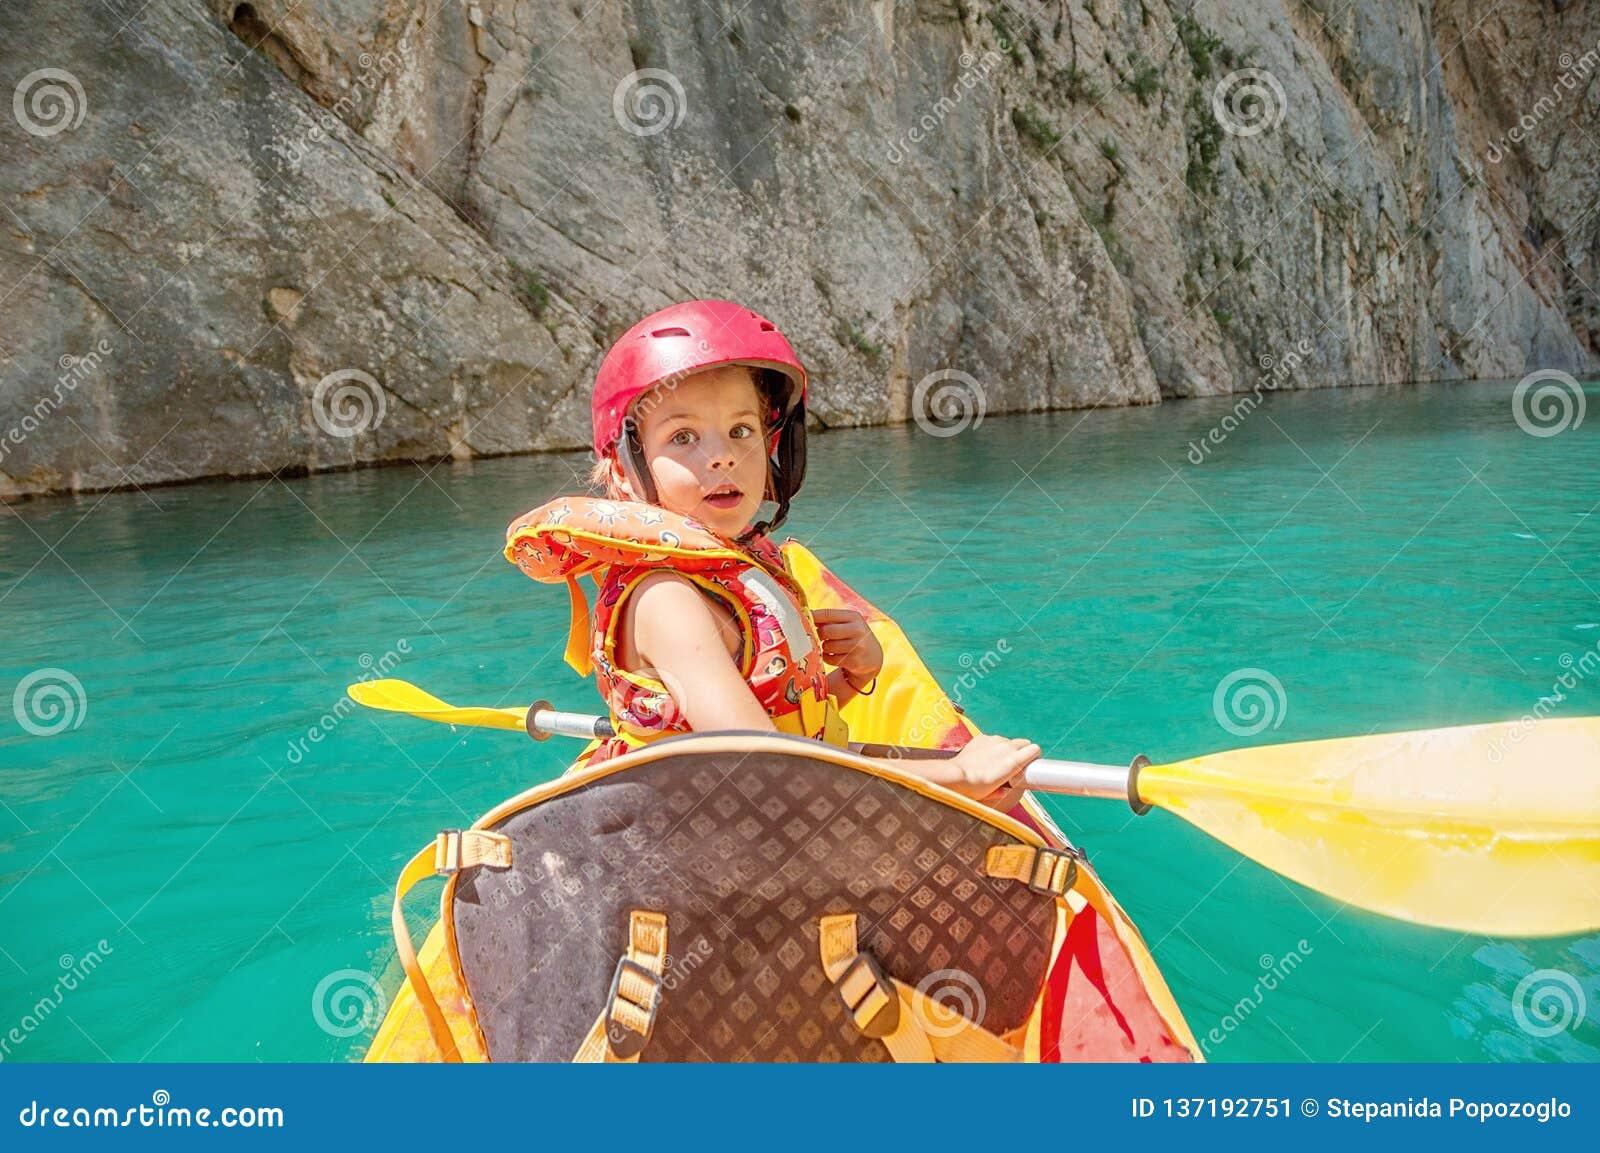 Mała dziewczynka kayaking na pięknej rzece, ma zabawę i cieszy się, bawi się outdoors Wodny sport i campingowa zabawa Mont-Rebei